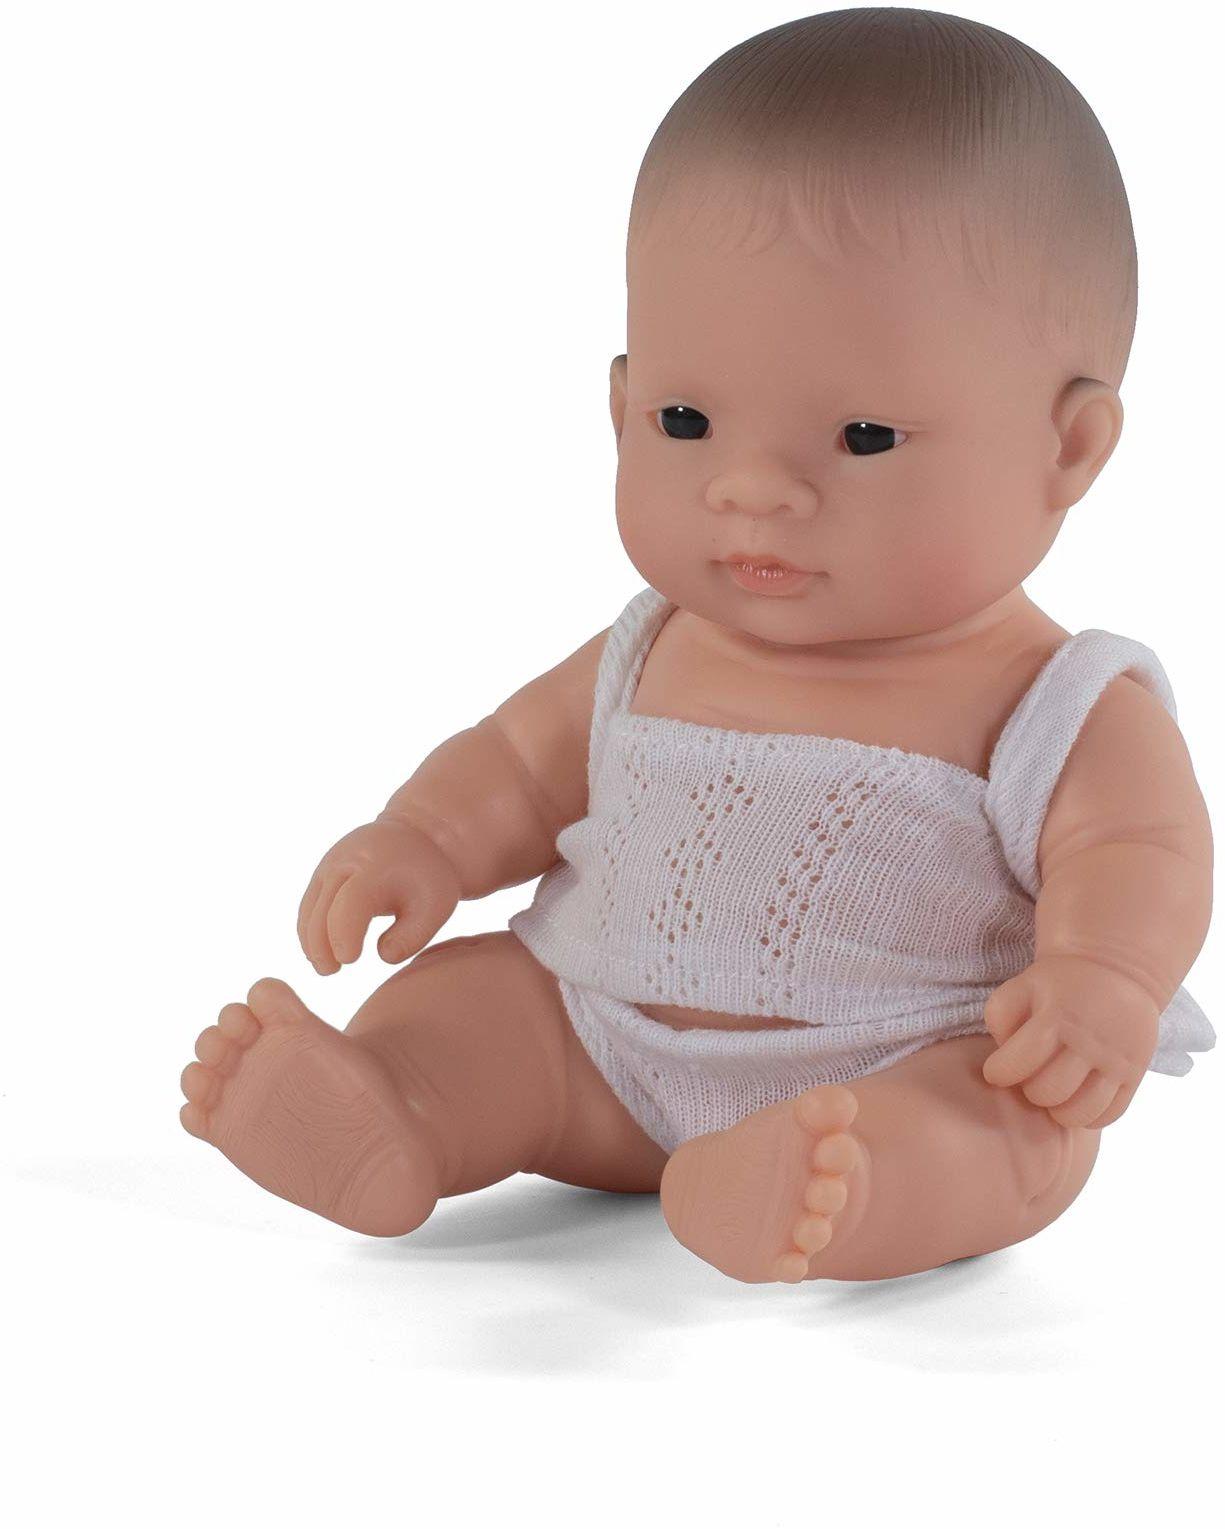 Miniland Miniland31125 lalka azjatycka chłopiec 21 cm 31125, wielokolorowa